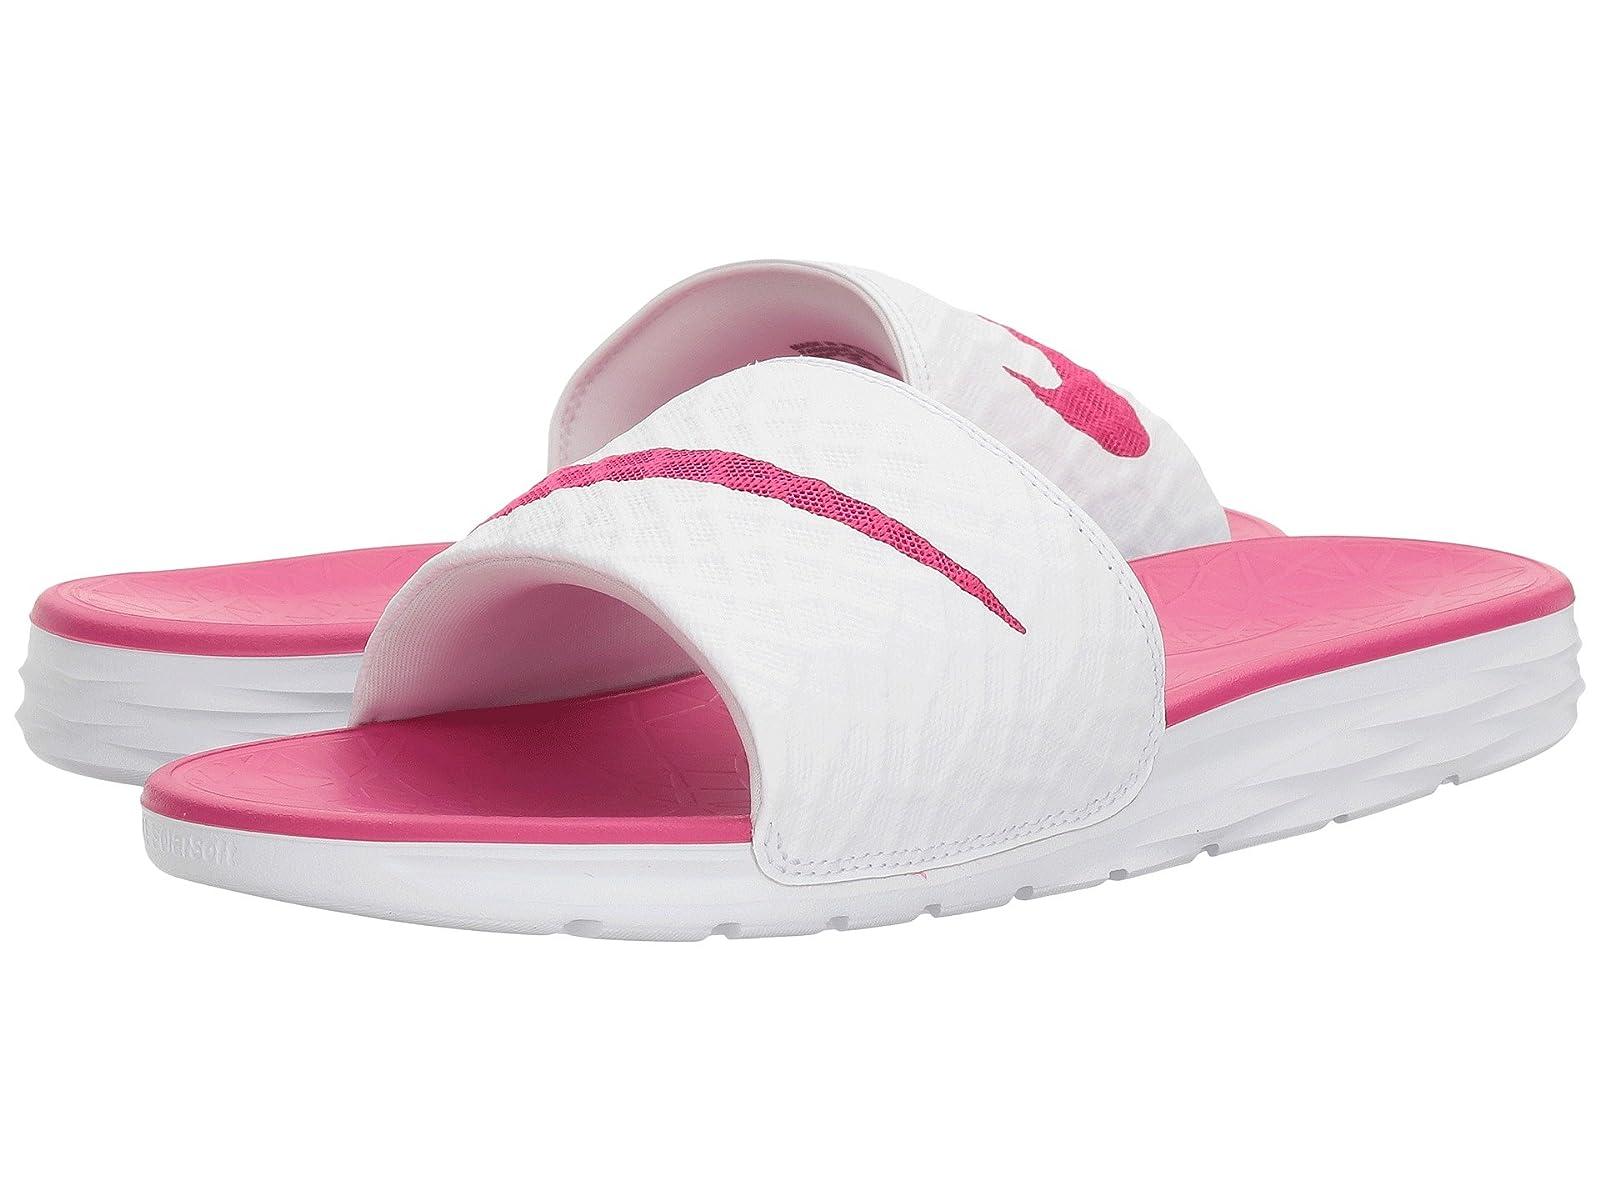 Nike Benassi Solarsoft Slide 2Atmospheric grades have affordable shoes